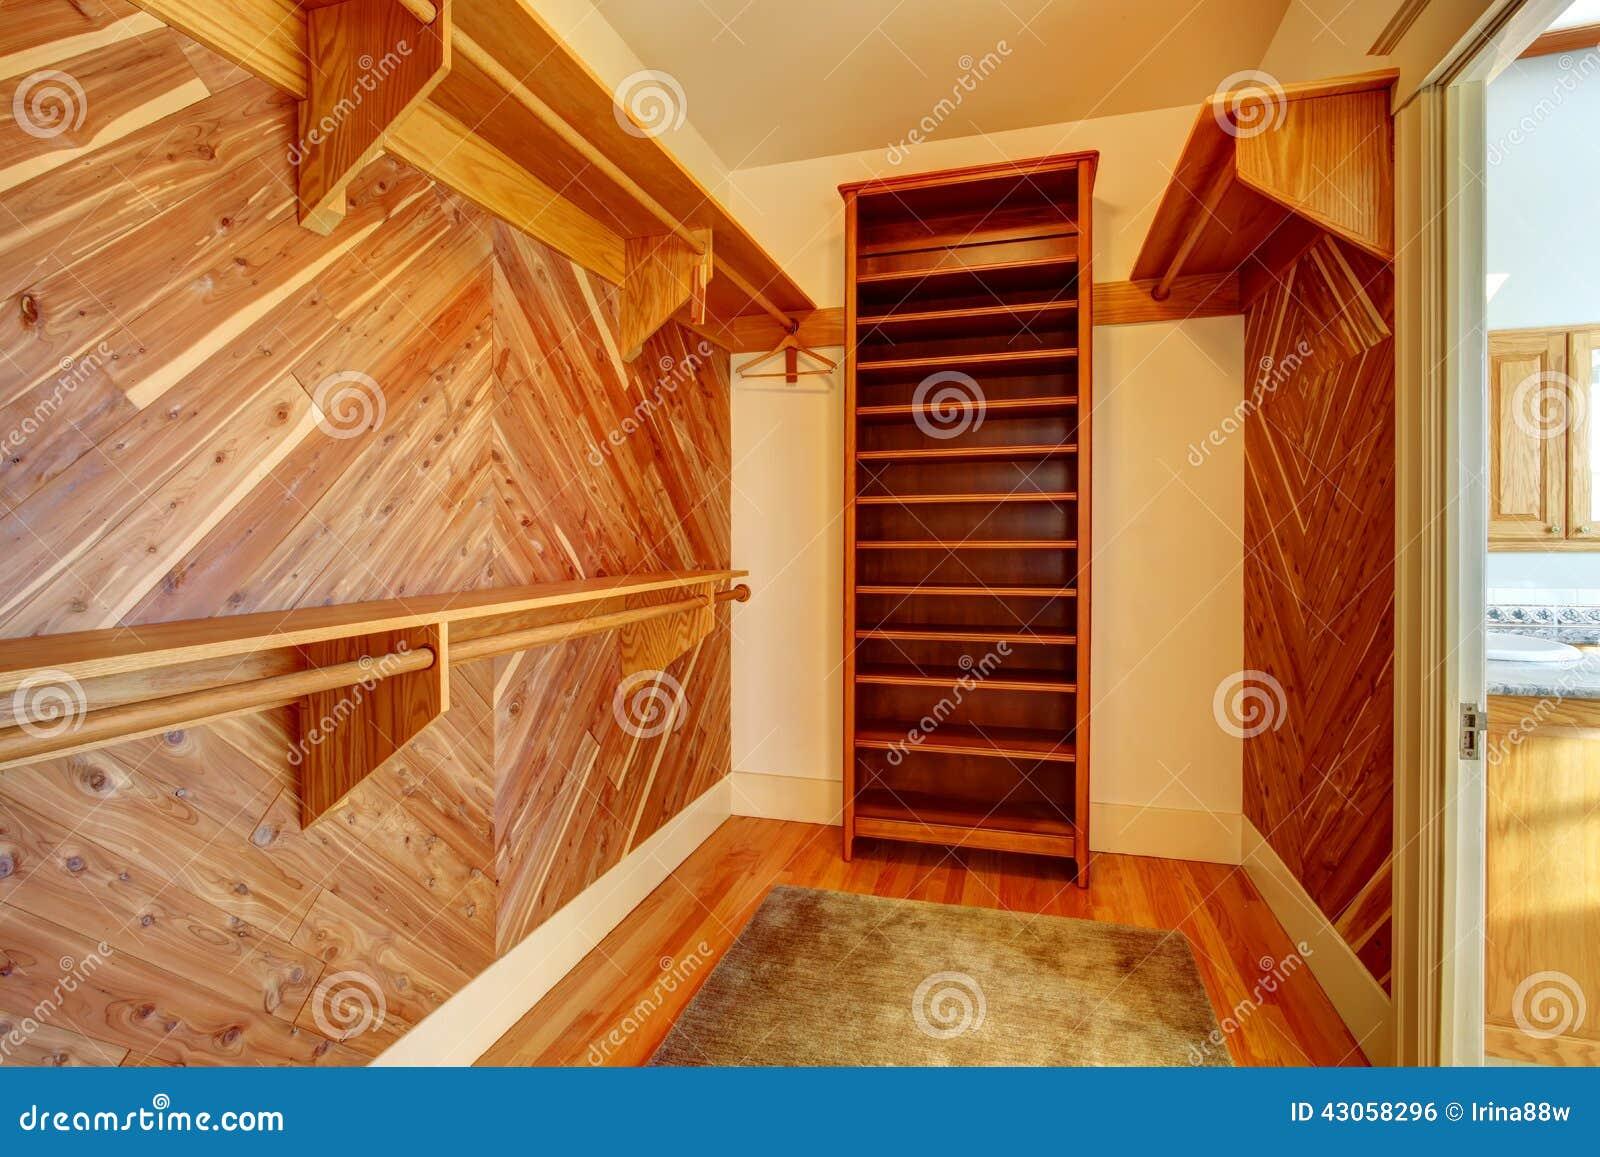 Pareti Rivestite Di Legno : Gabinetto vuoto con le pareti rivestite legno fotografia stock